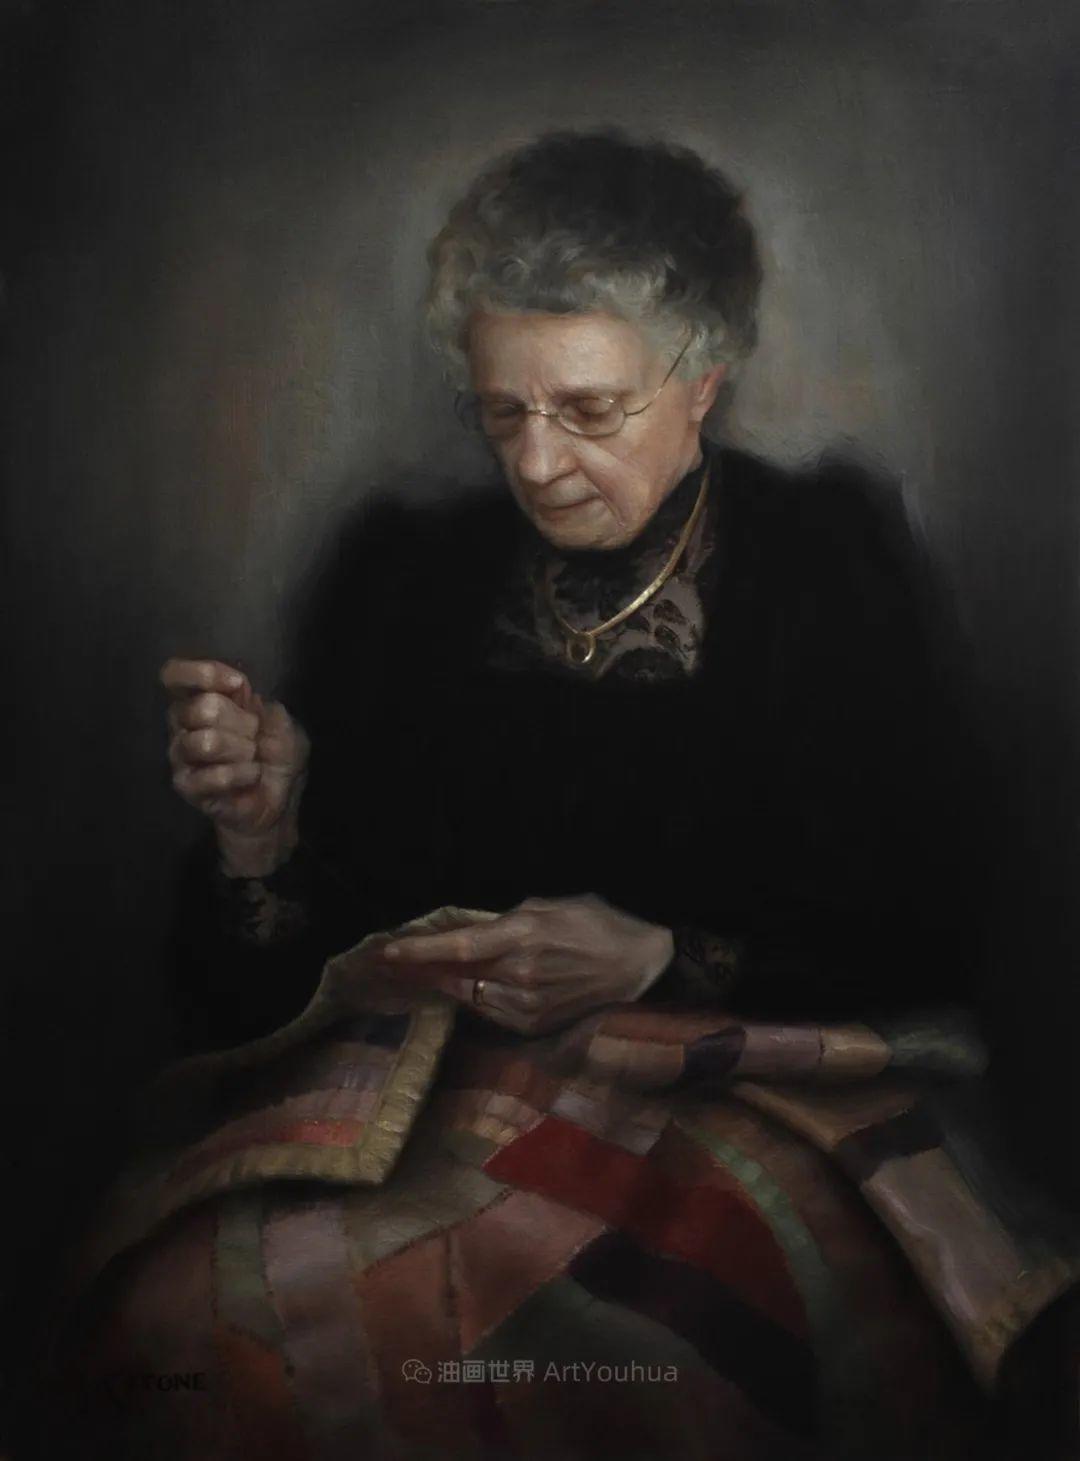 细致入微的静物与肖像,加拿大女画家凯瑟琳·斯通插图29